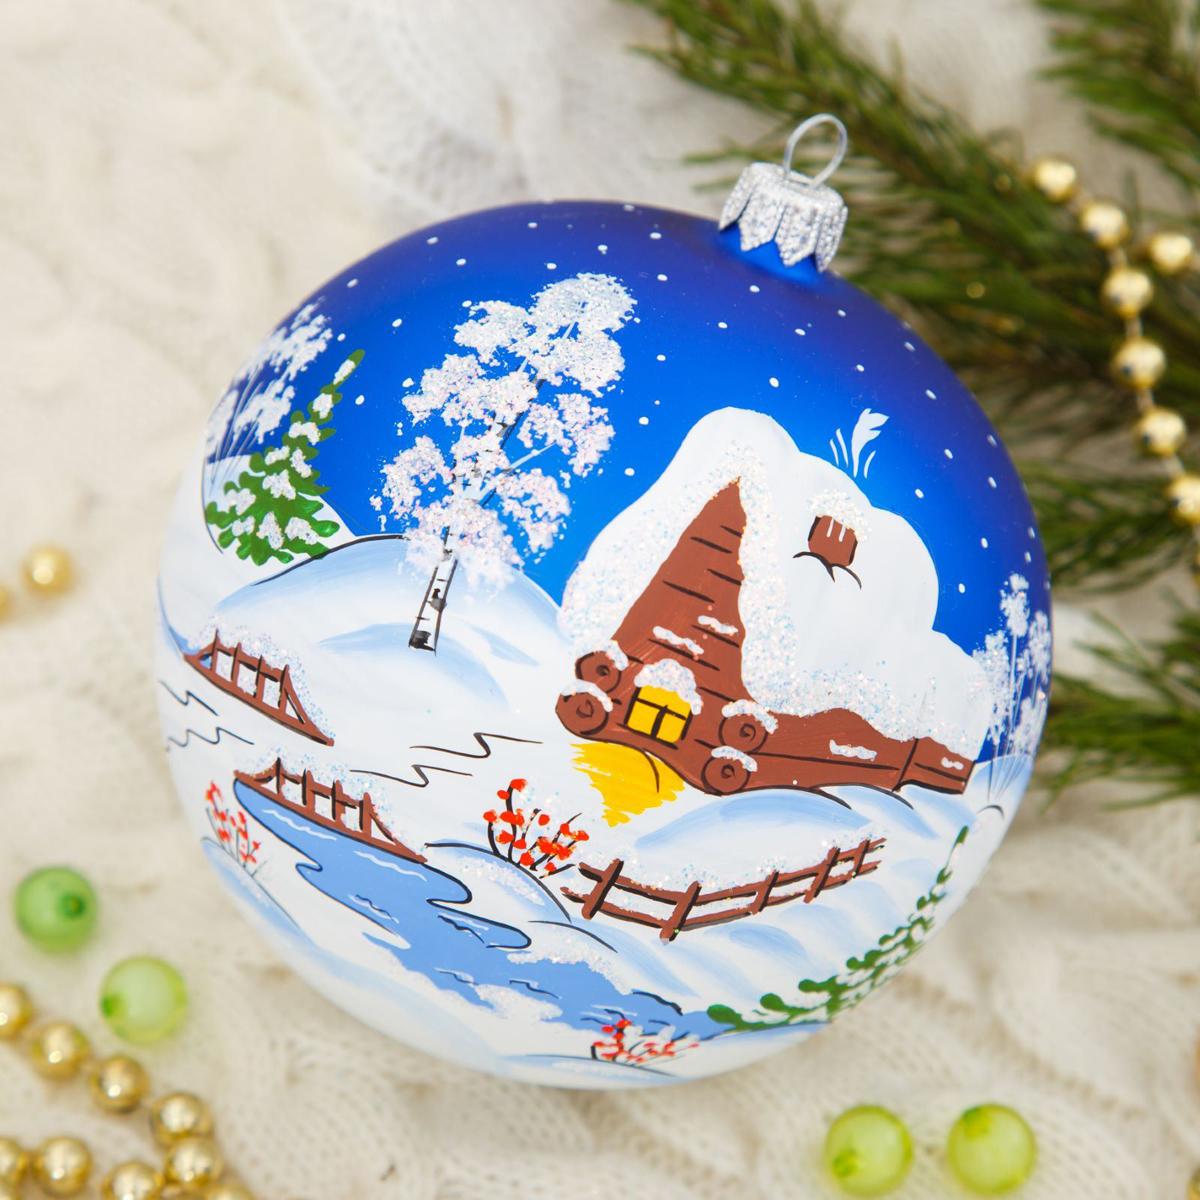 Новогоднее подвесное украшение Ёлочка Русская Зима, диаметр 11,5 см2564839Новогоднее подвесное украшение Ёлочка отлично подойдет для декорации вашего дома и новогодней ели. Новогоднее украшение можно повесить в любом понравившемся вам месте. Но, конечно, удачнее всего оно будет смотреться на праздничной елке.Елочная игрушка - символ Нового года. Она несет в себе волшебство и красоту праздника. Такое украшение создаст в вашем доме атмосферу праздника, веселья и радости.